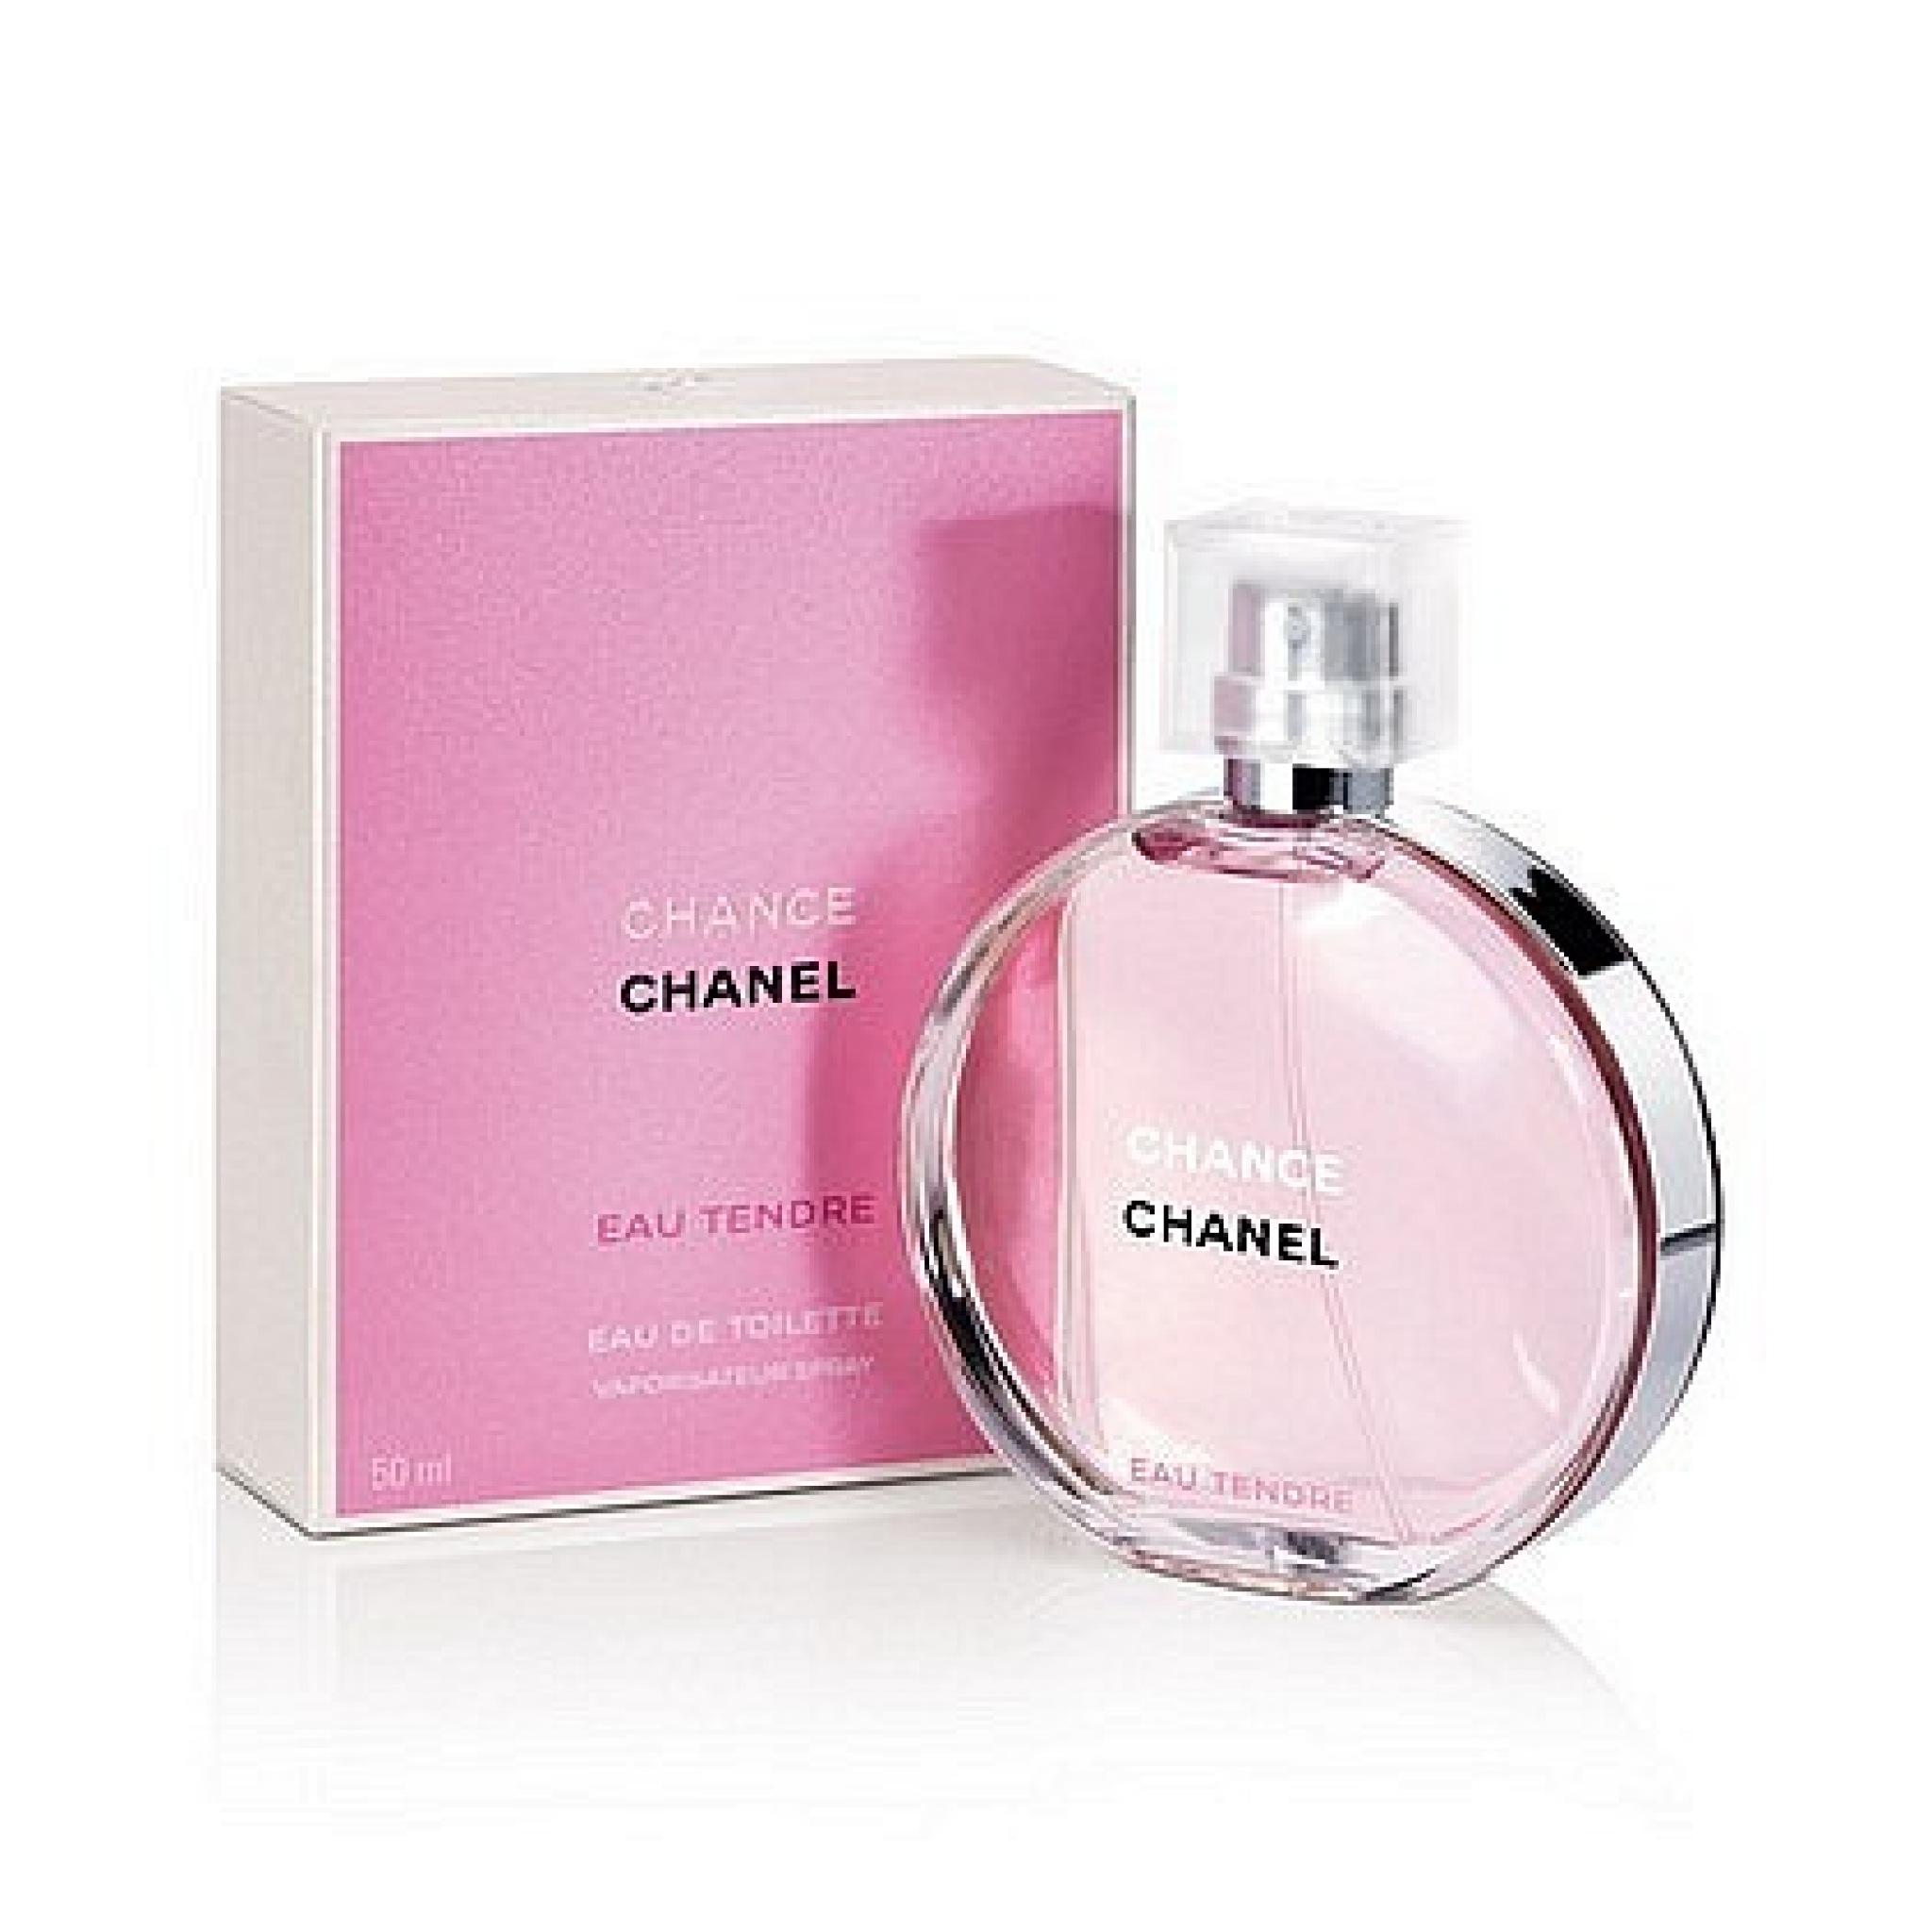 Chanel - chance eau tendre киев цена отзывы / туалетная вода пробник (edt) тестер (edt) шанель - шанс еу тендр женская купить в.